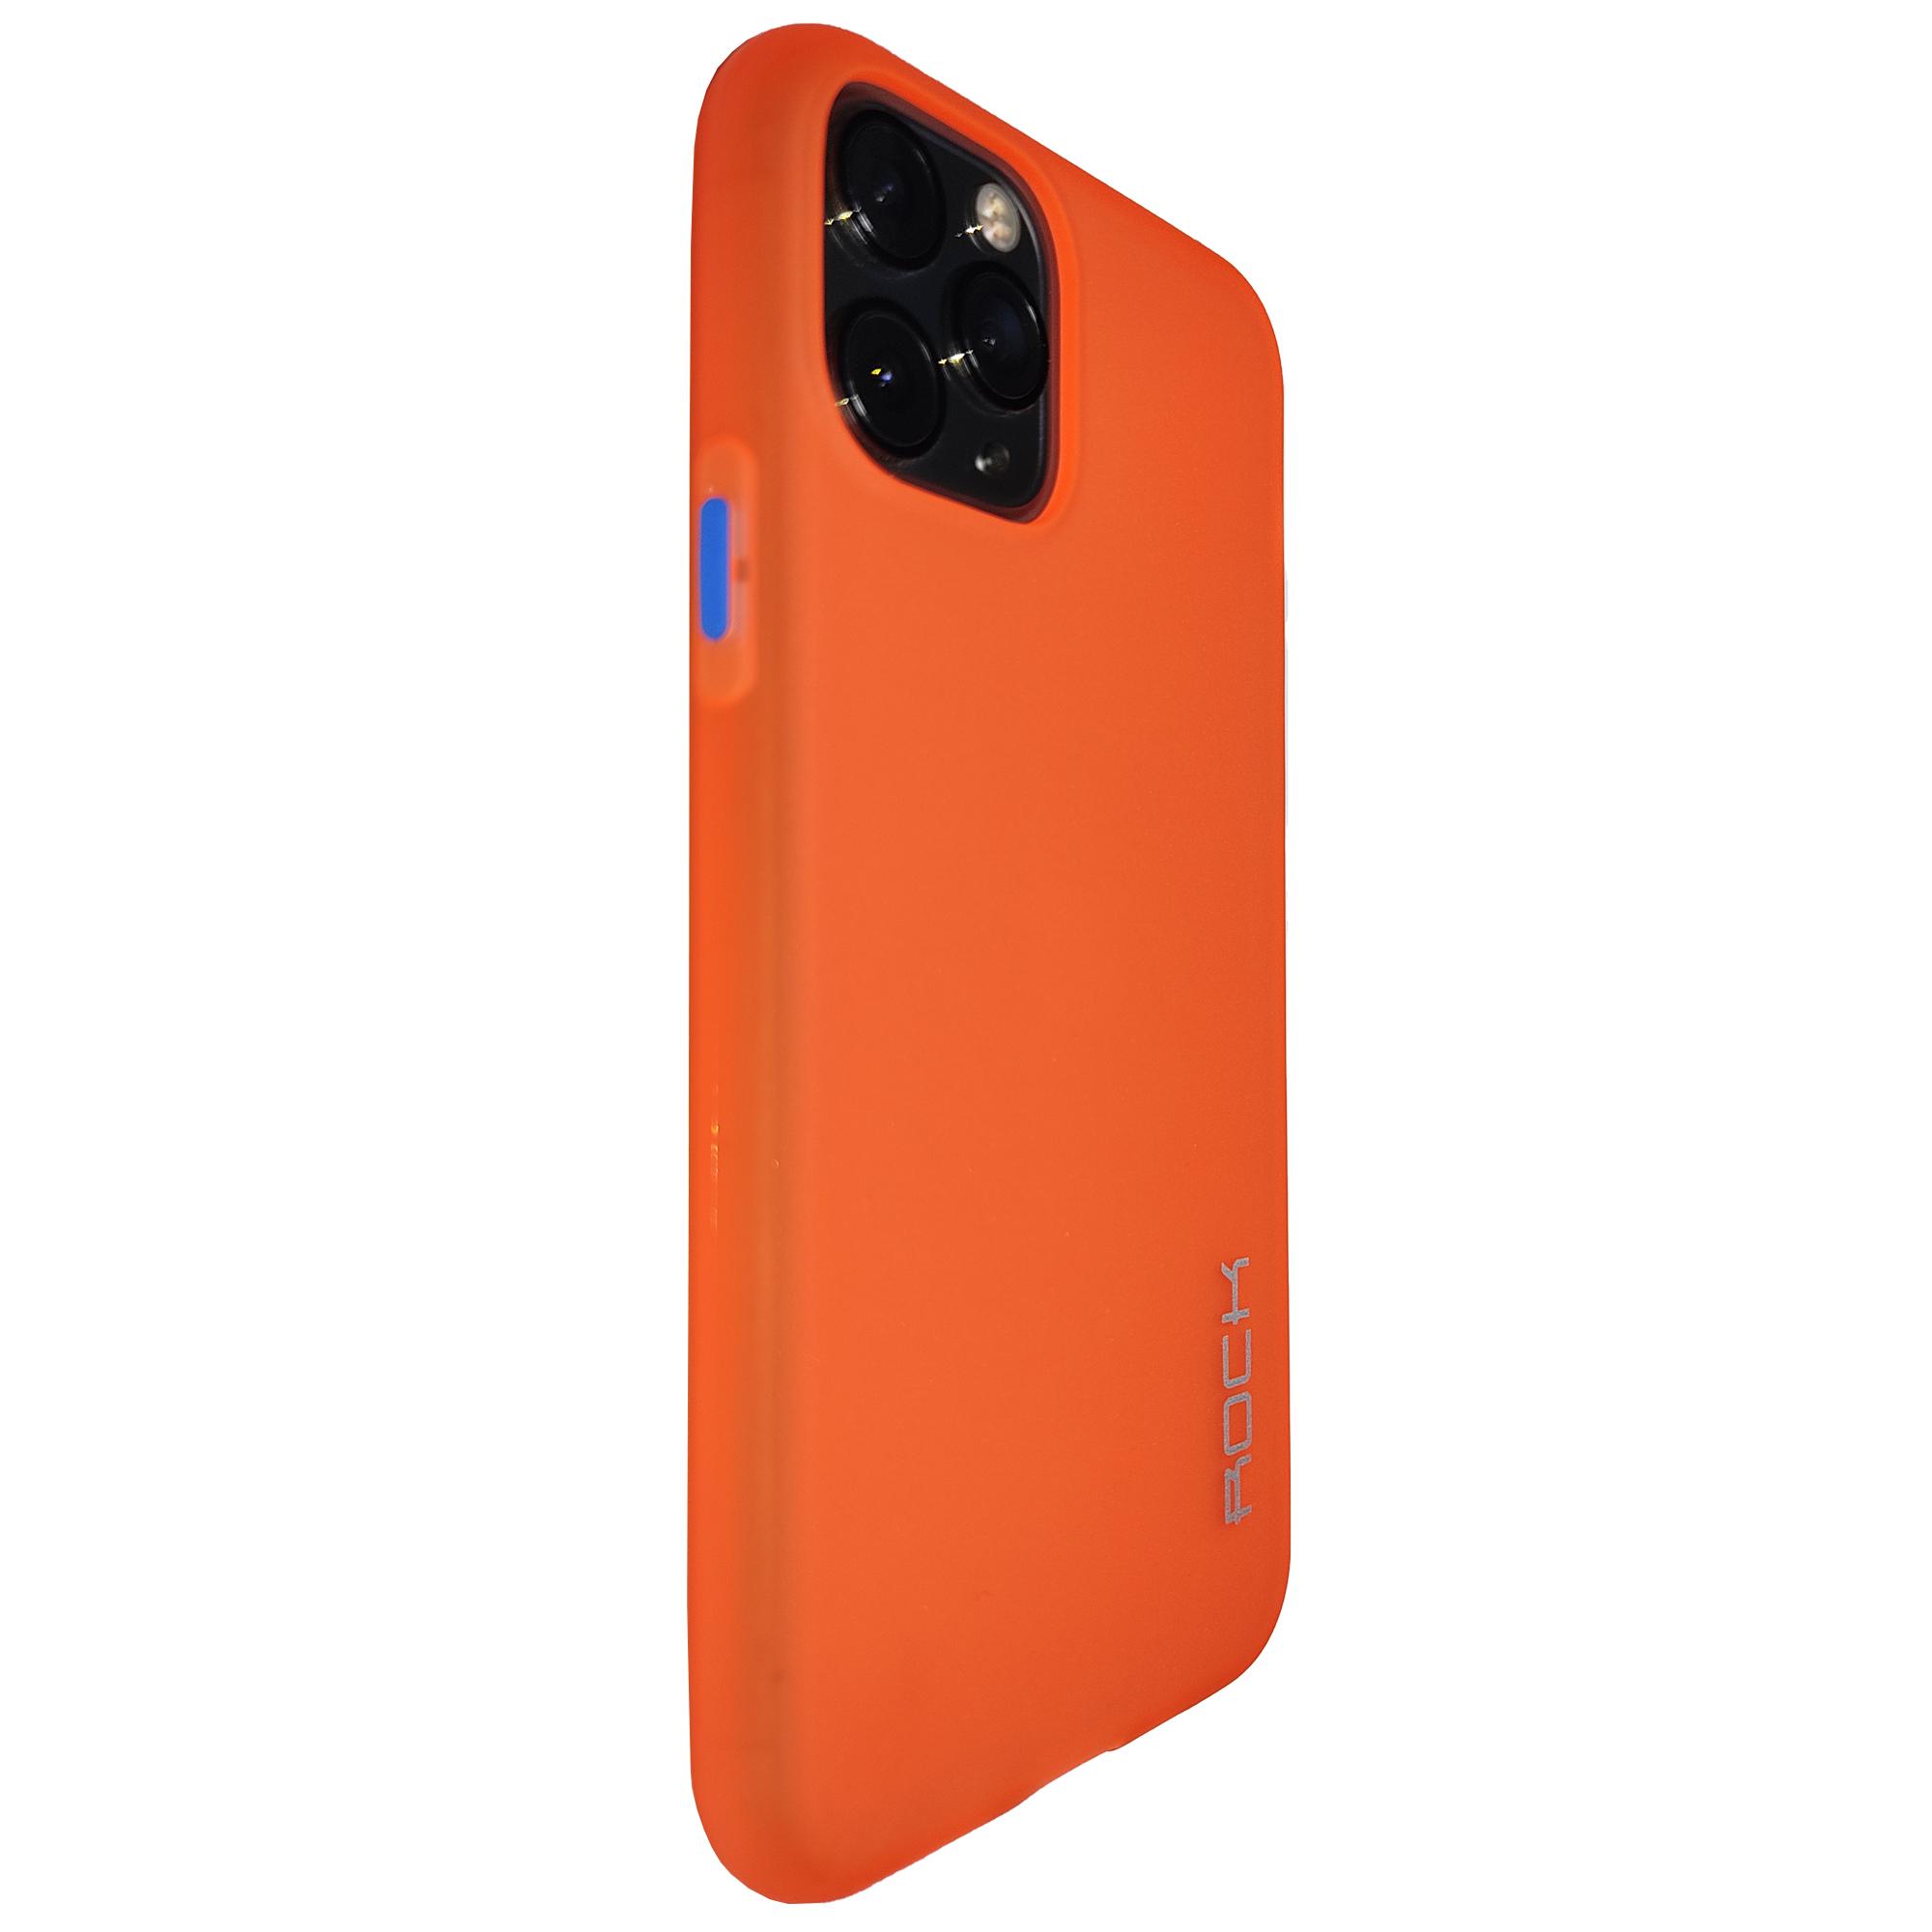 کاور راک مدل SPRT01 مناسب برای گوشی موبایل اپل iPhone 11 Pro thumb 2 9